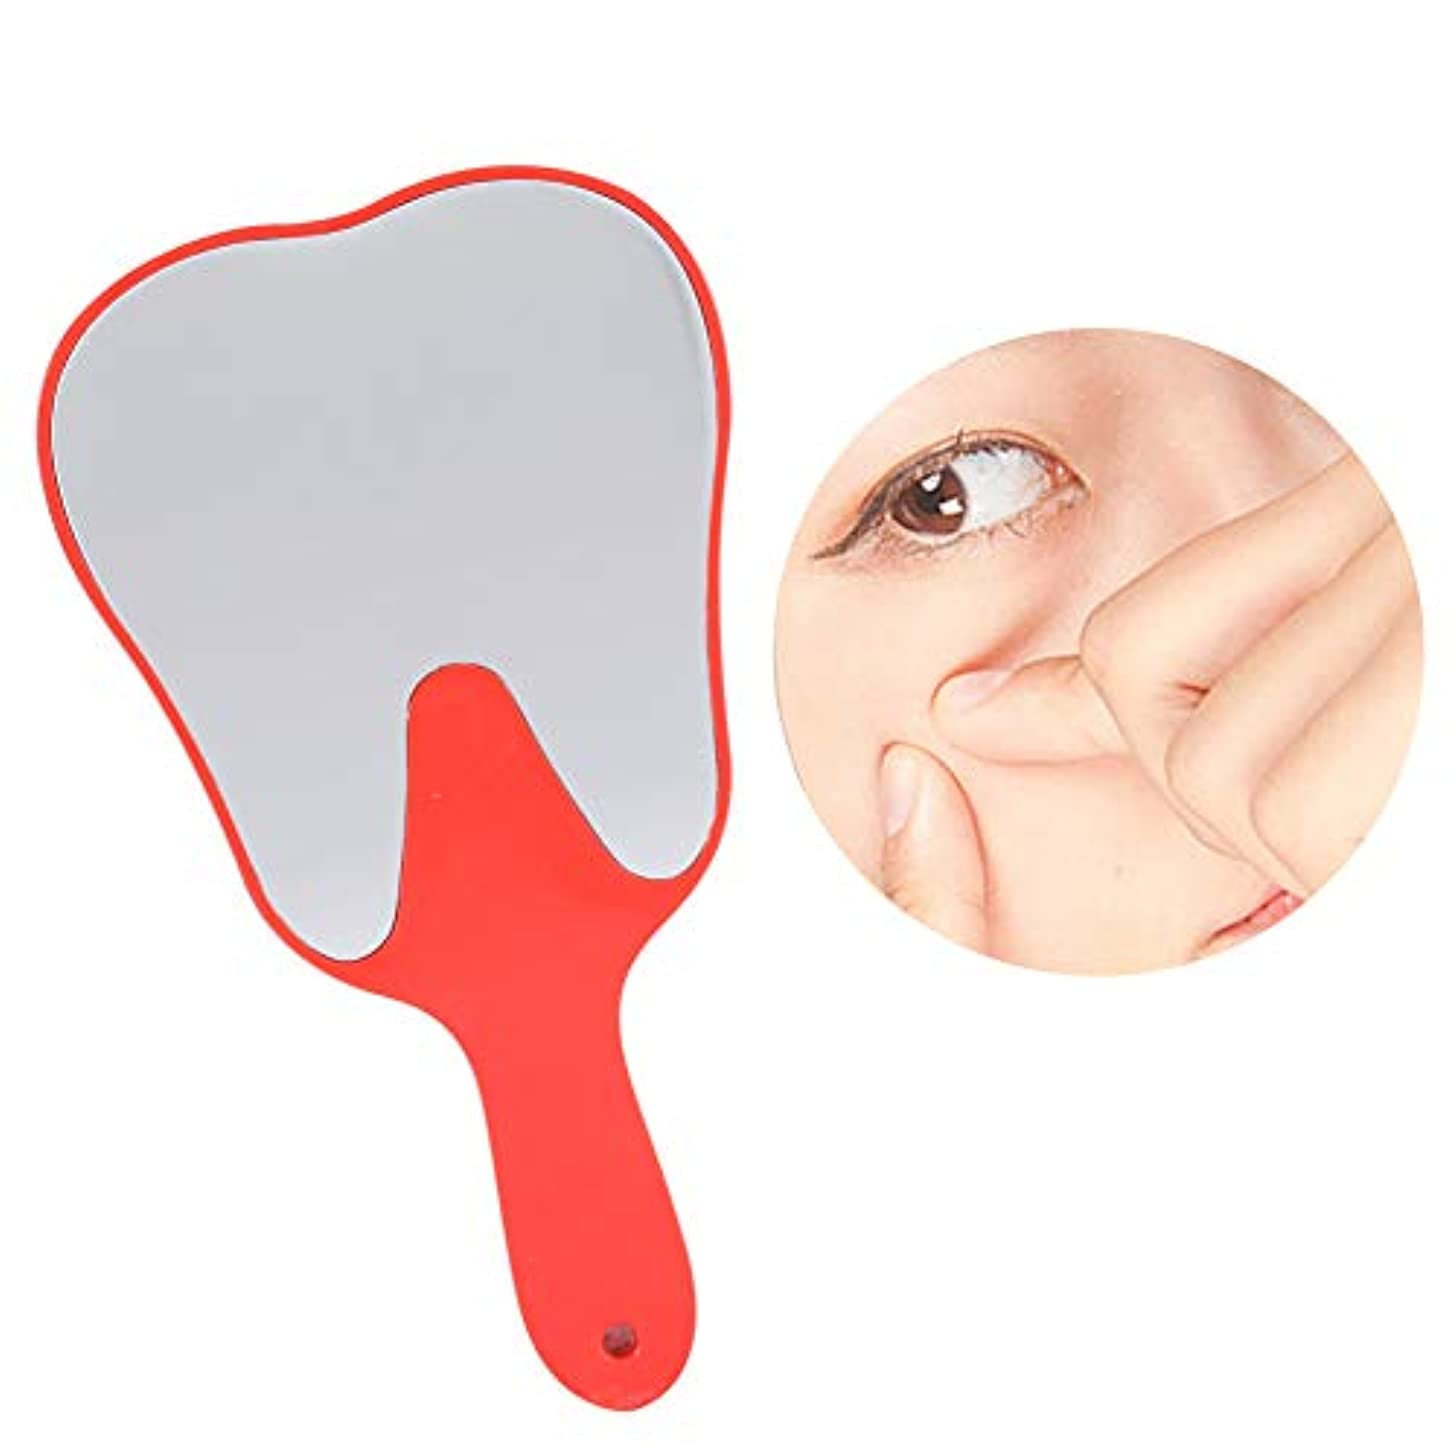 おしゃれな便利なかわいいプラスチックハンドル歯歯科ケアハンドミラーツール(赤い)